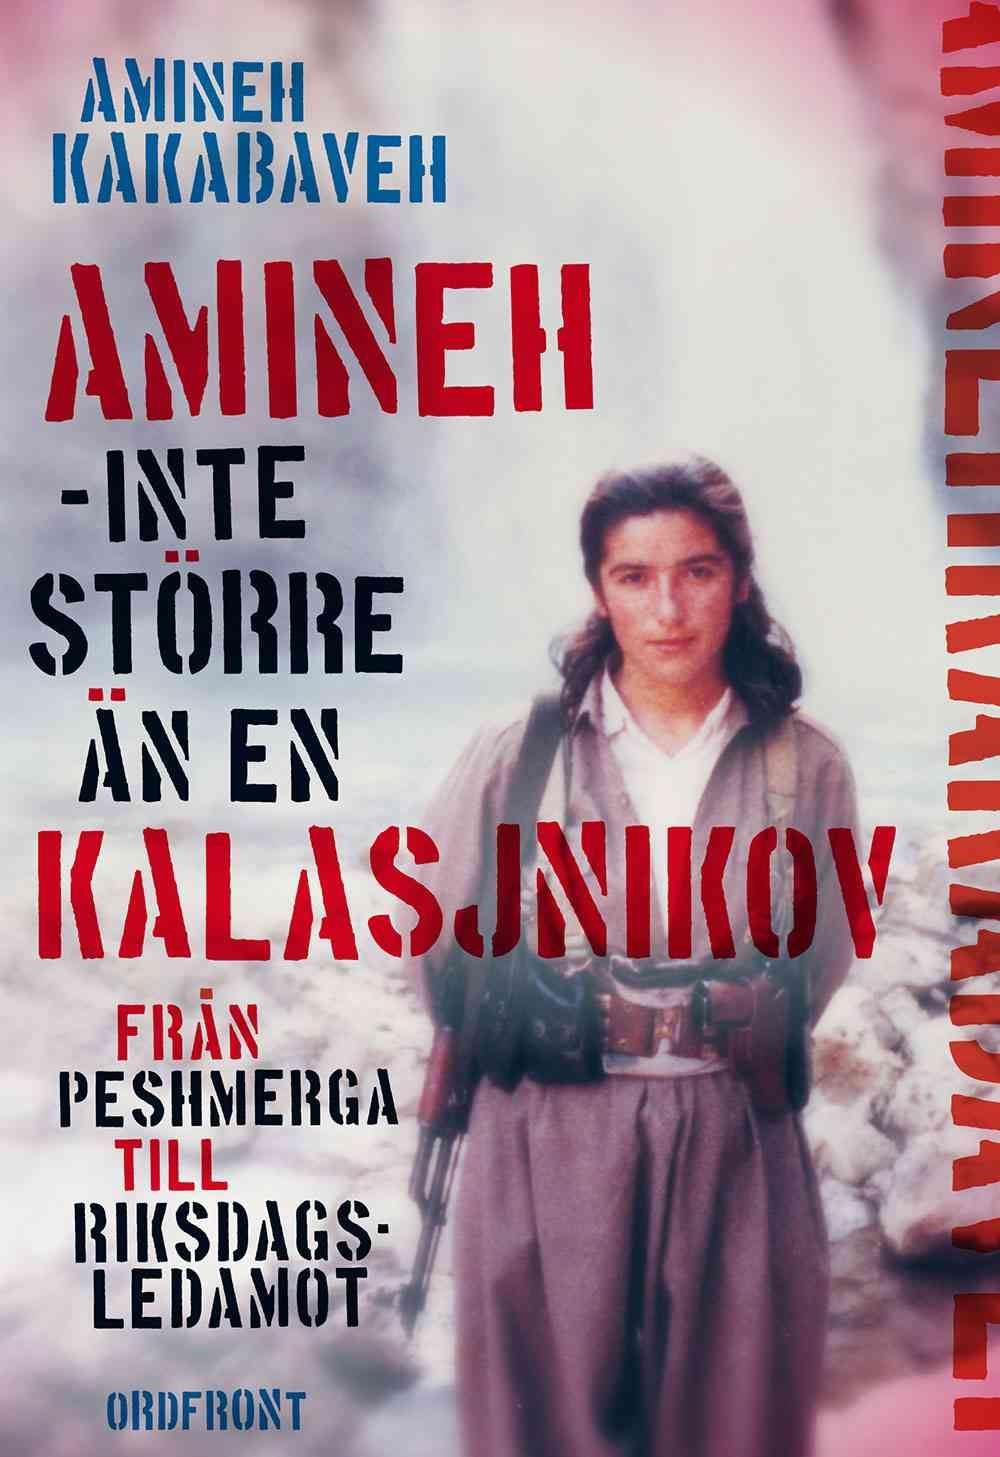 Författarbesök med Amineh Kakabeveh